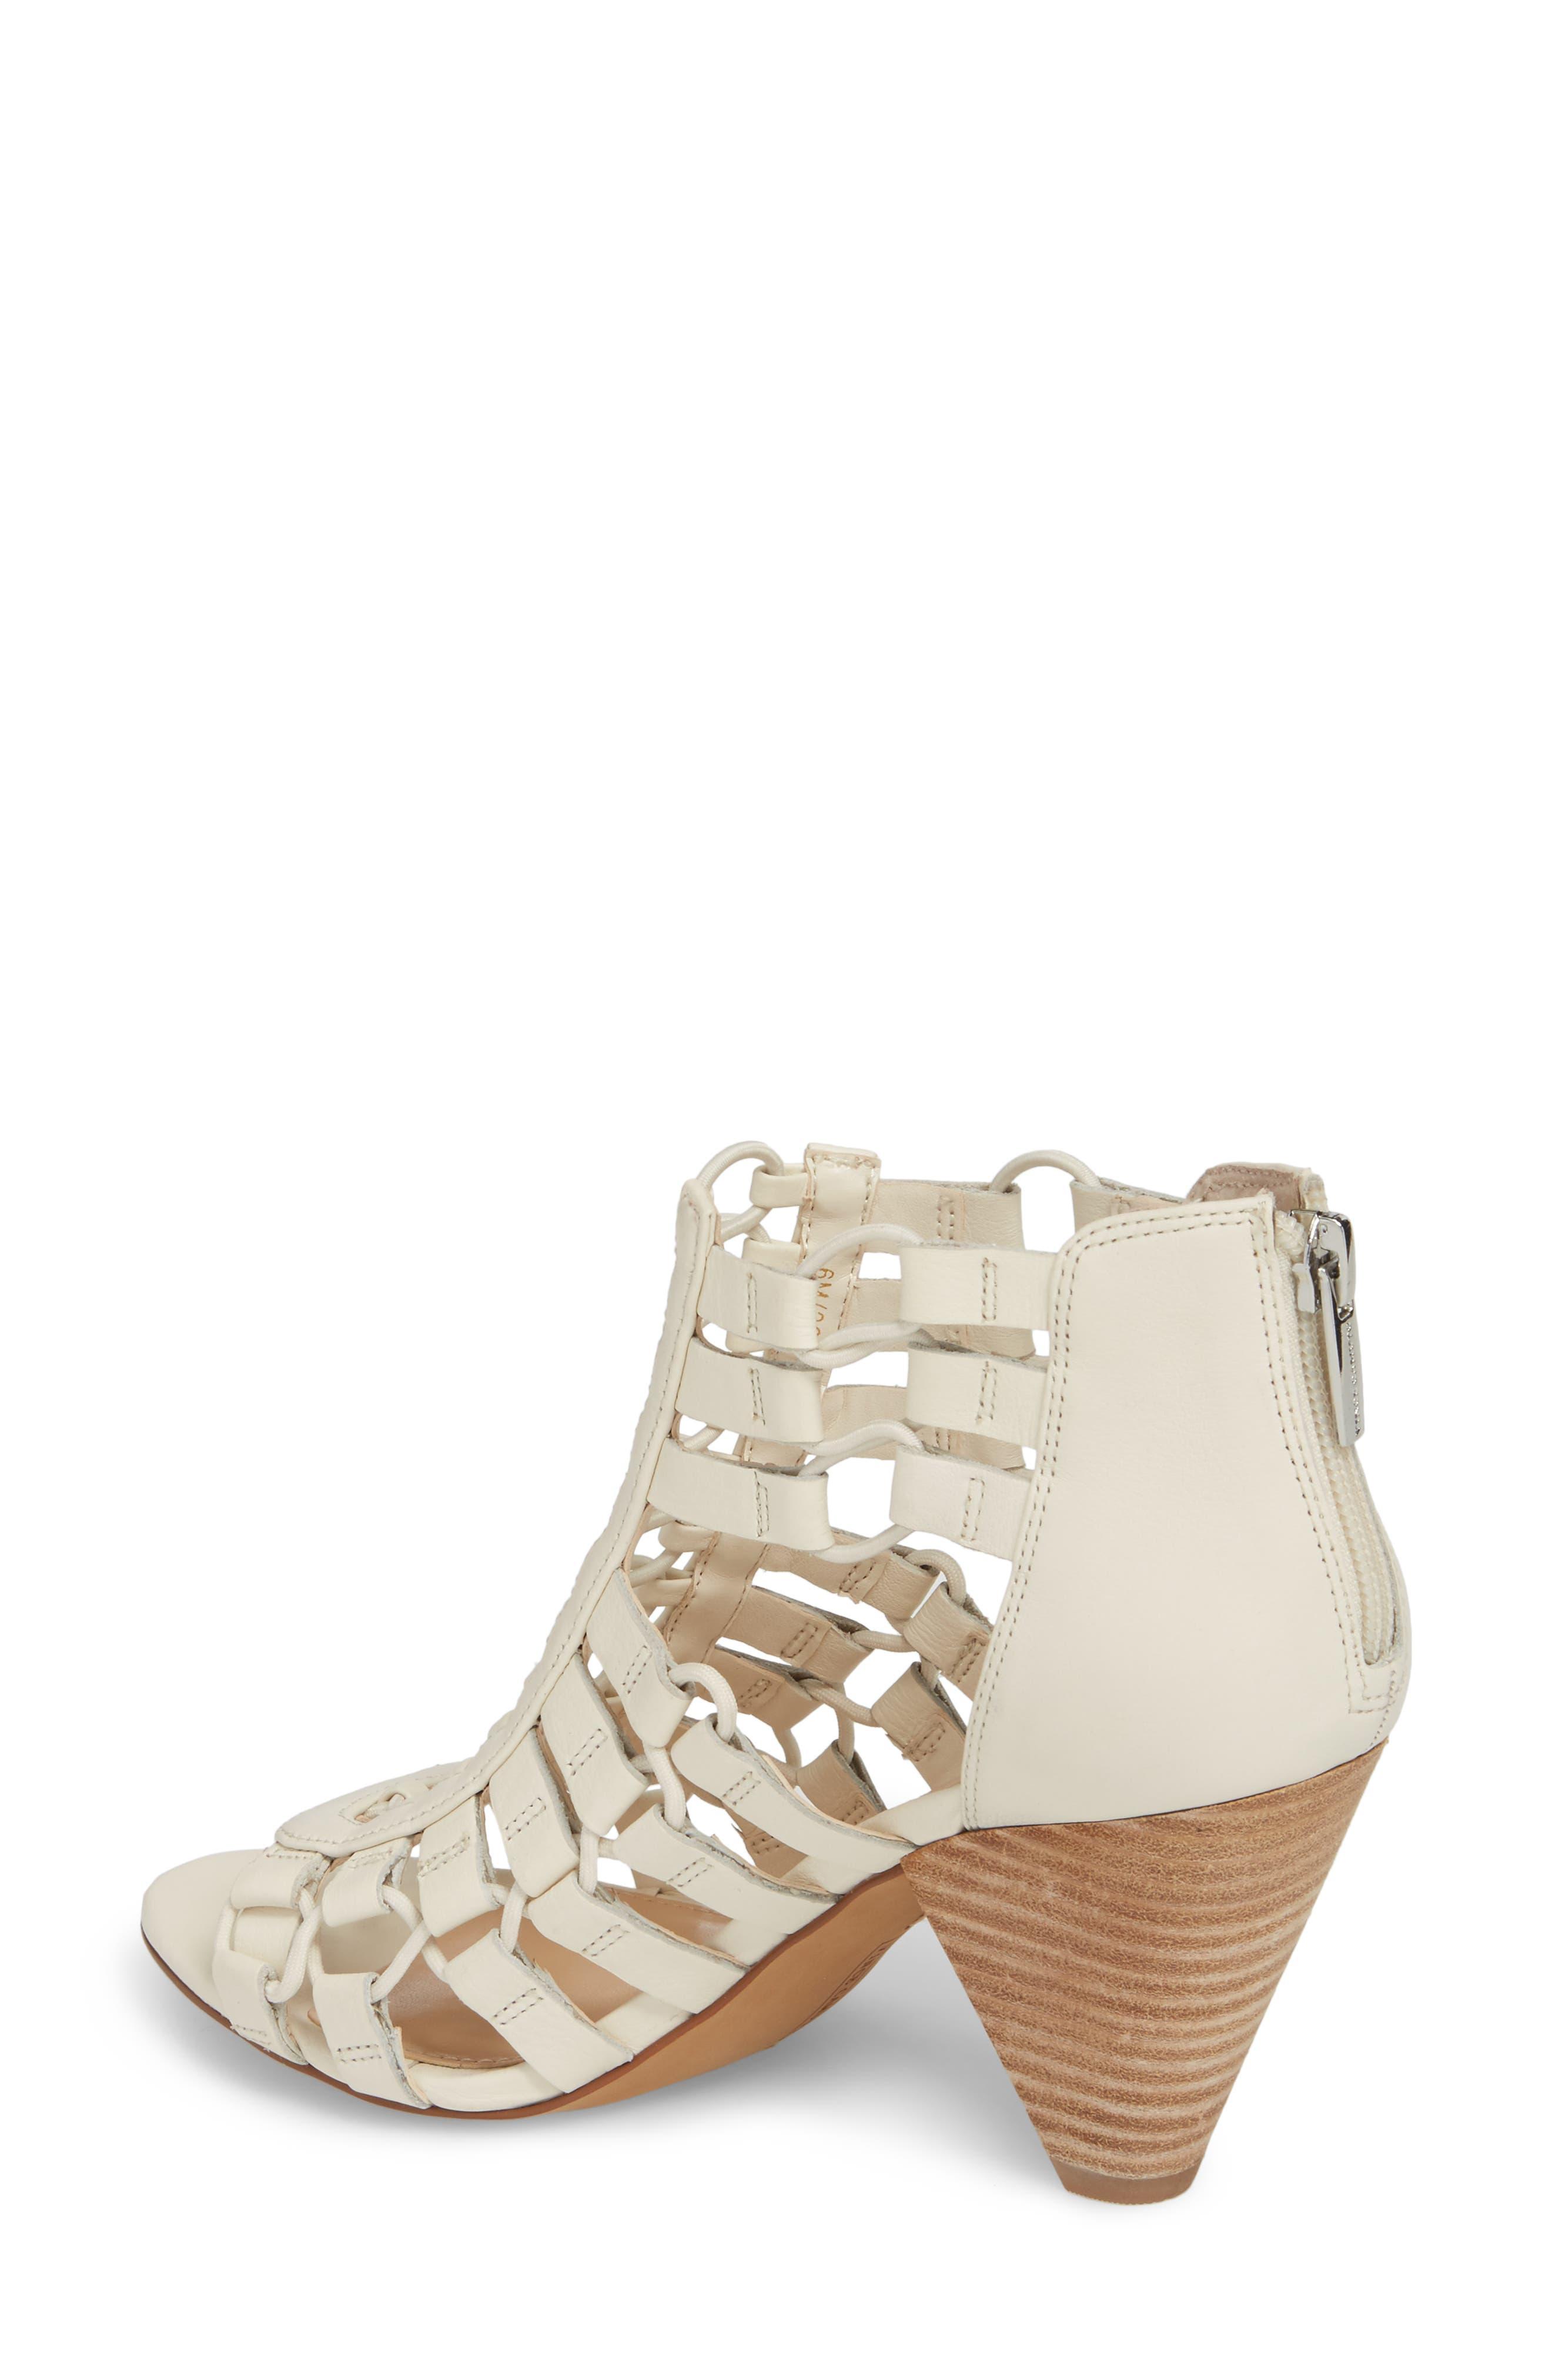 Vince Camuto Women's Elanso Sandal Dtj4pRfYzo